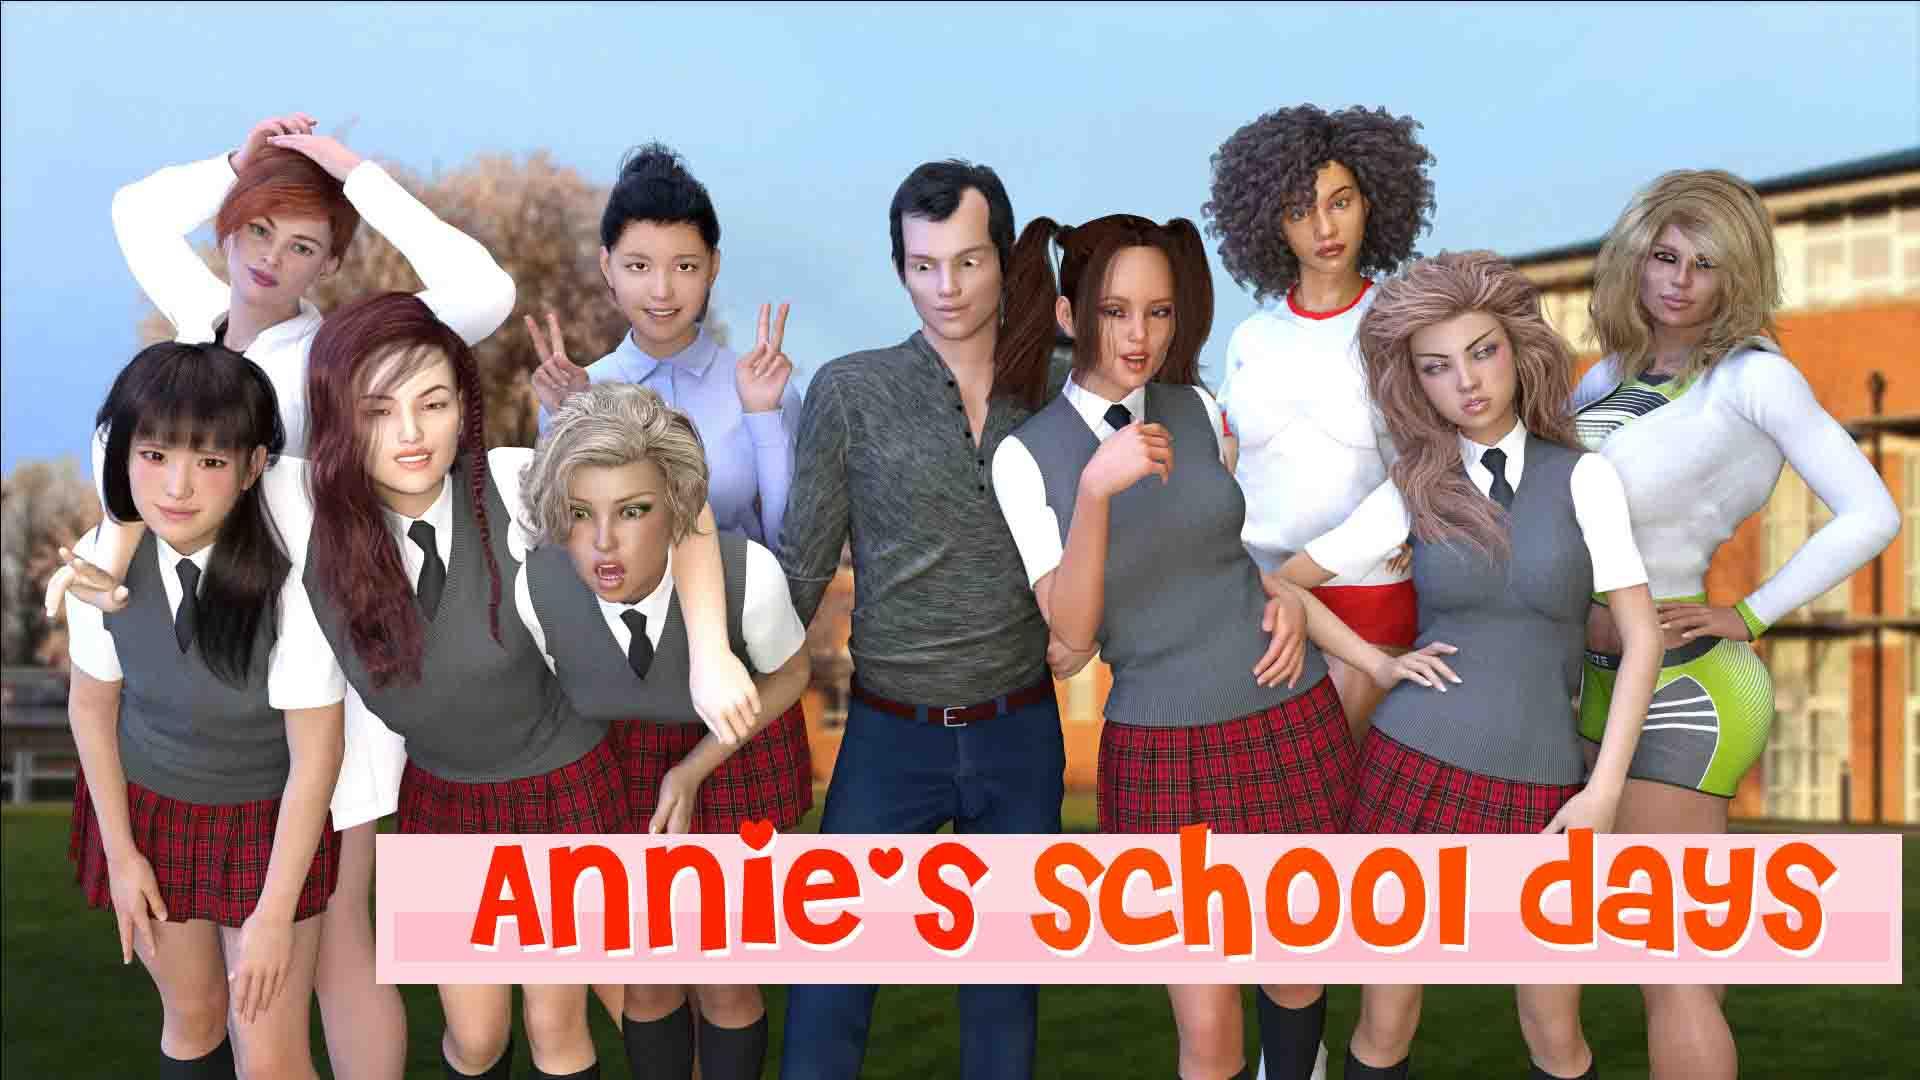 Ann's School Days